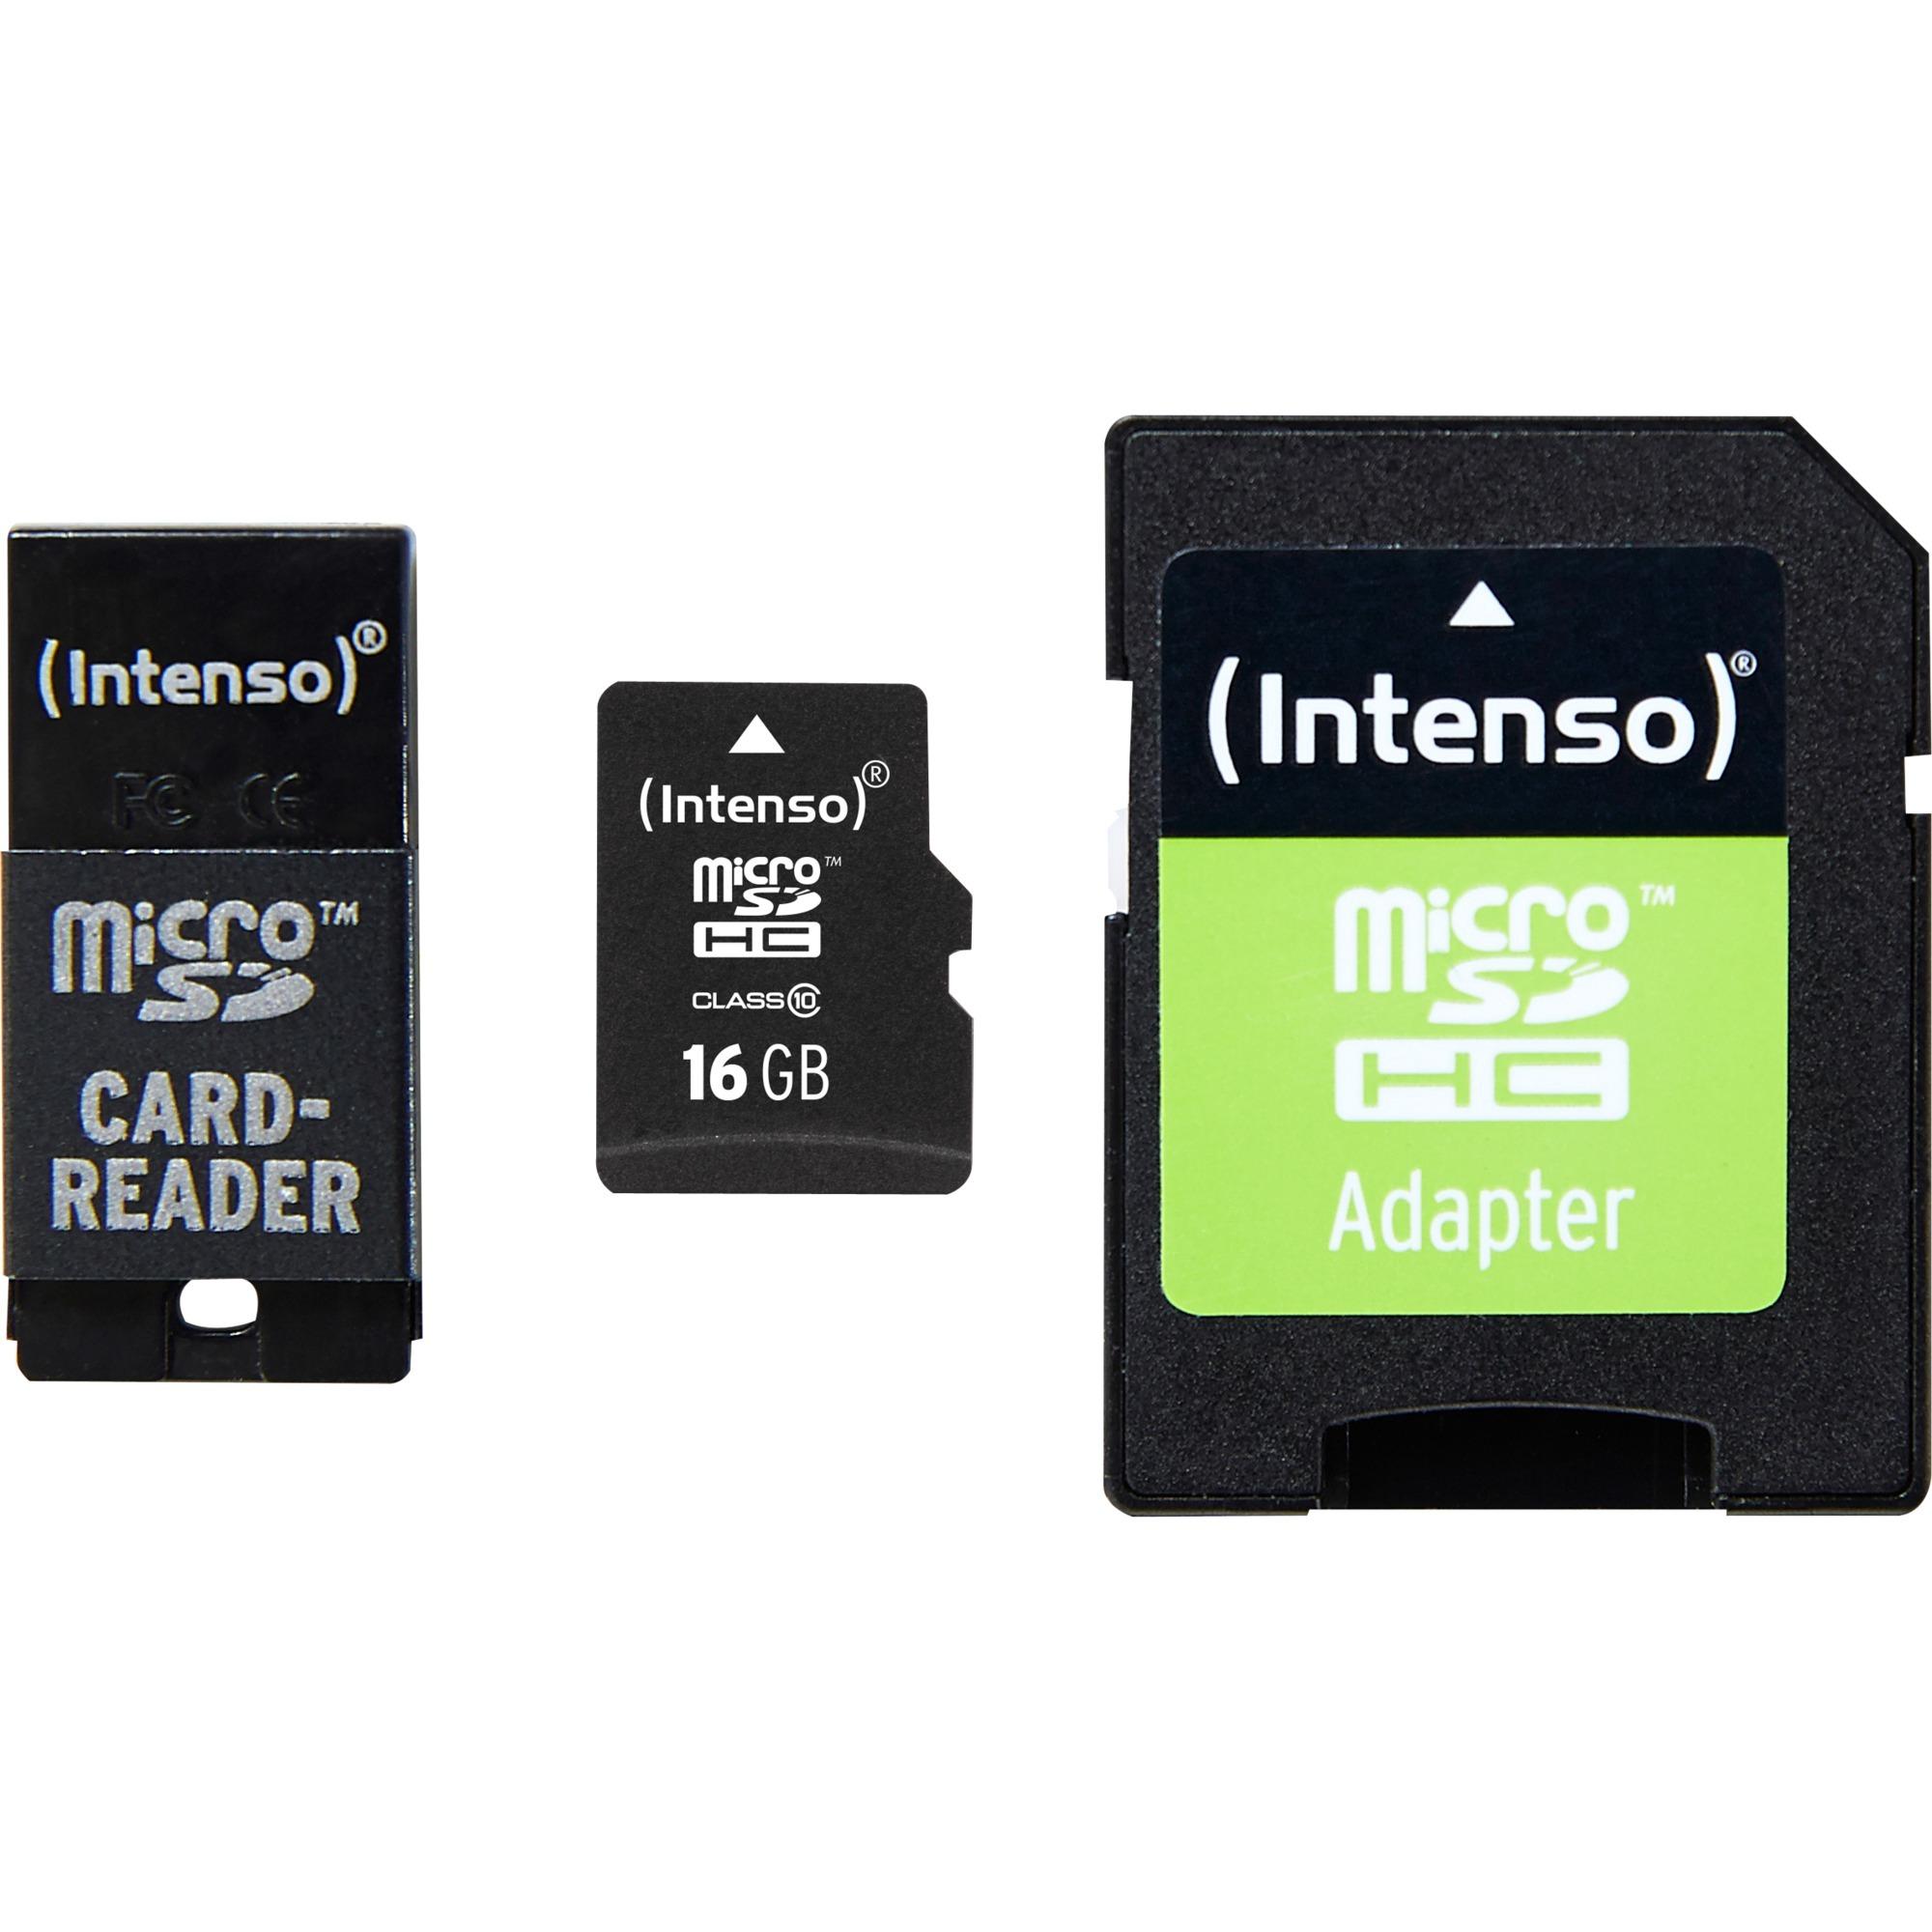 16GB MicroSD, SD + USB Adapter 16GB MicroSD Clase 10 memoria flash, Tarjeta de memoria